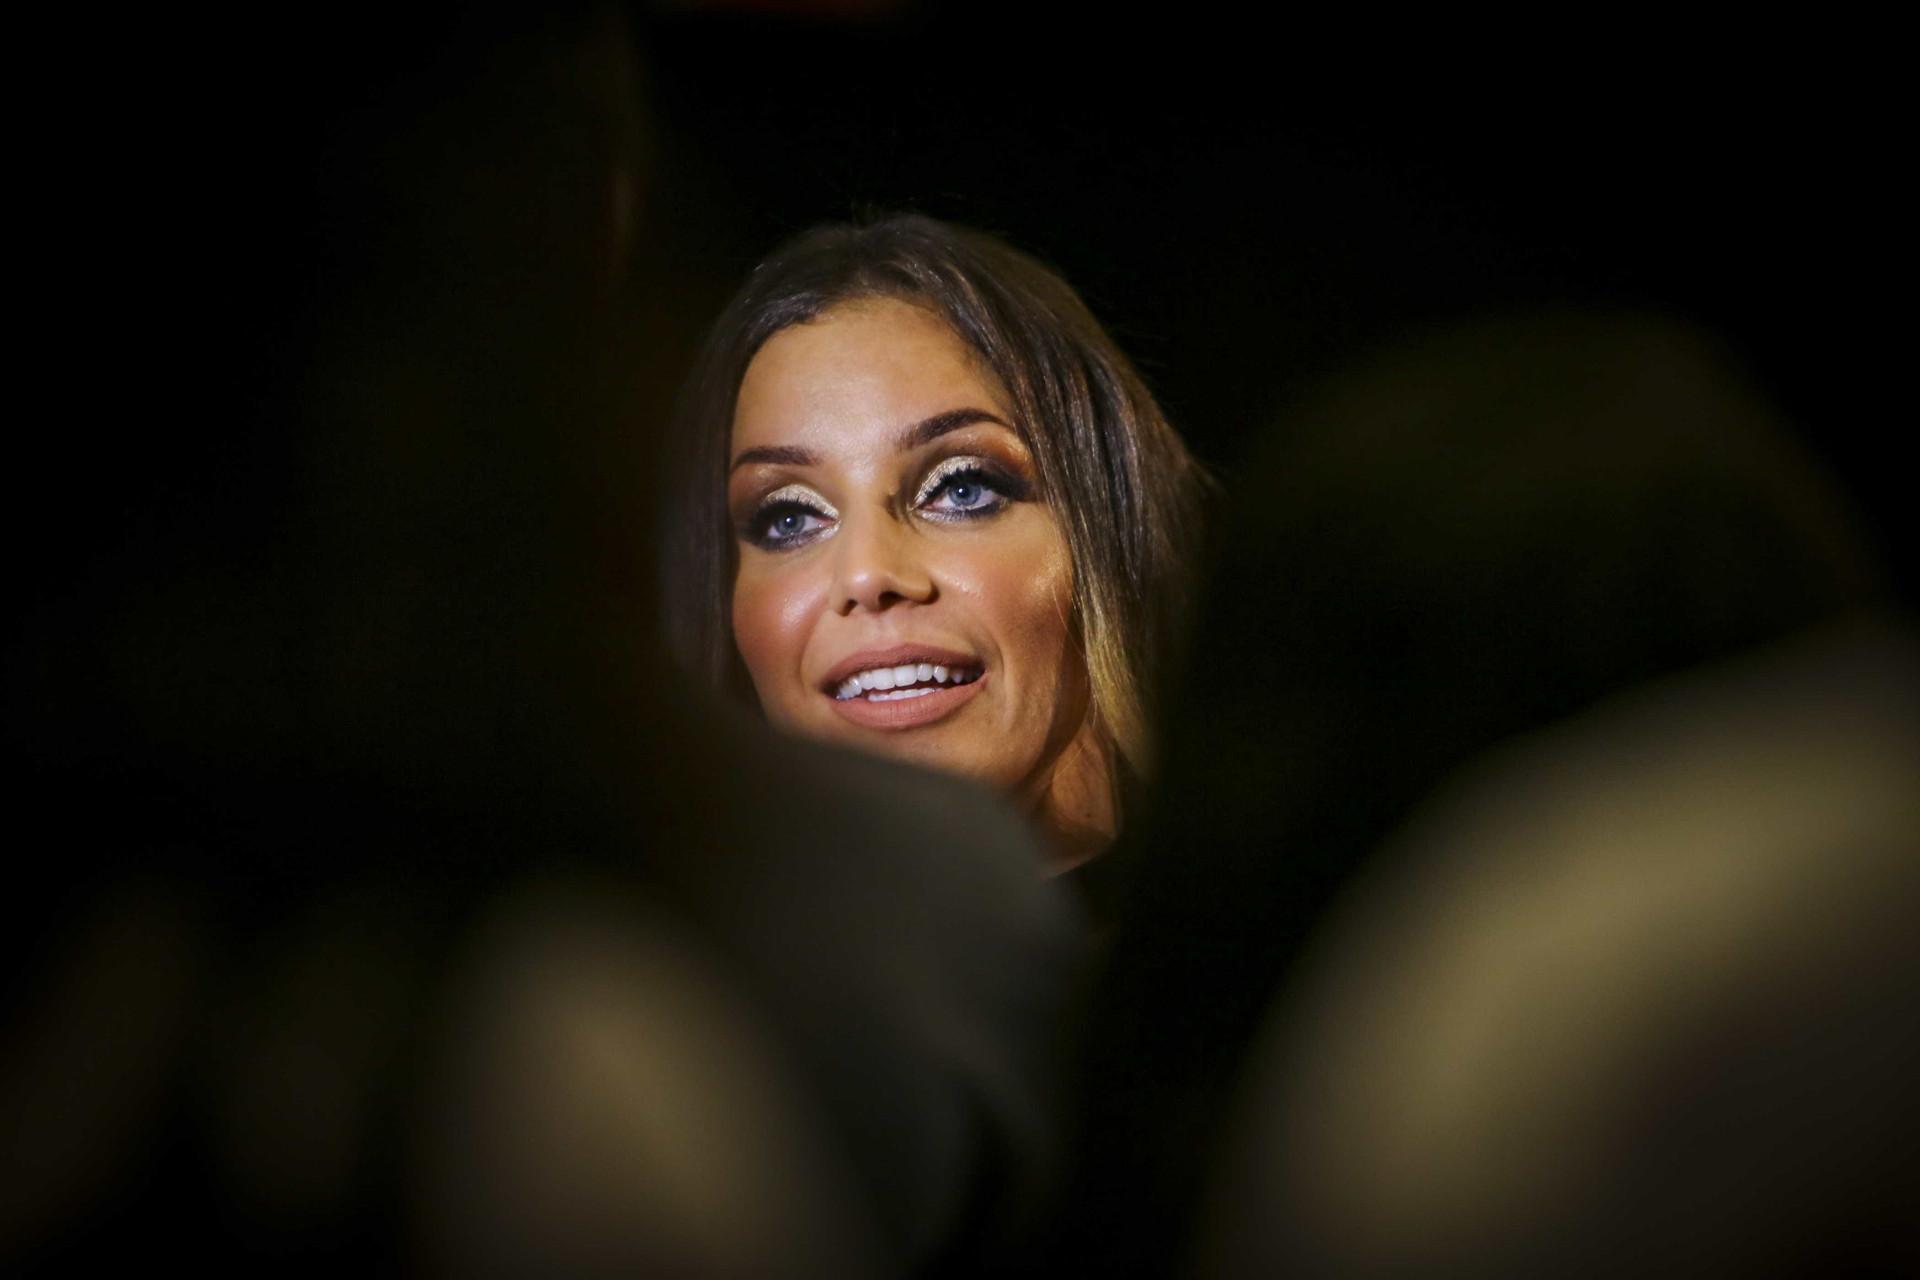 Luciana Abreu deslumbra na passadeira vermelha com novo visual